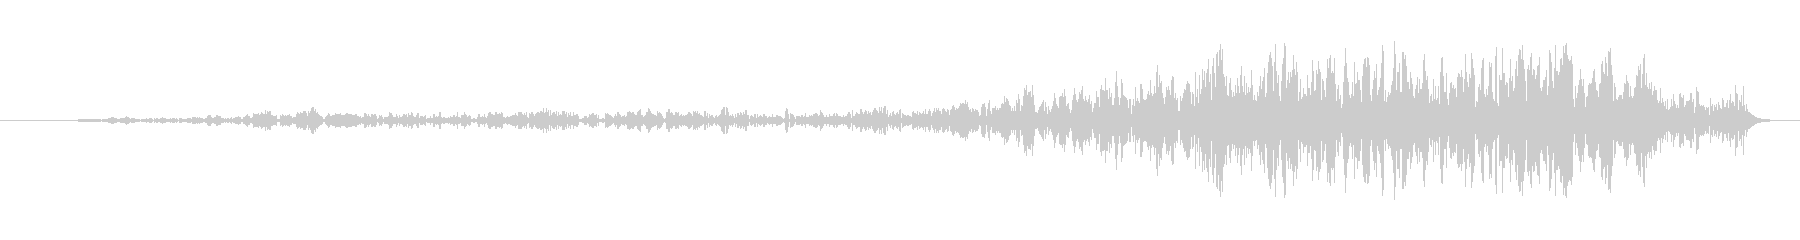 シューッという音EC07_87_6の未再生の波形